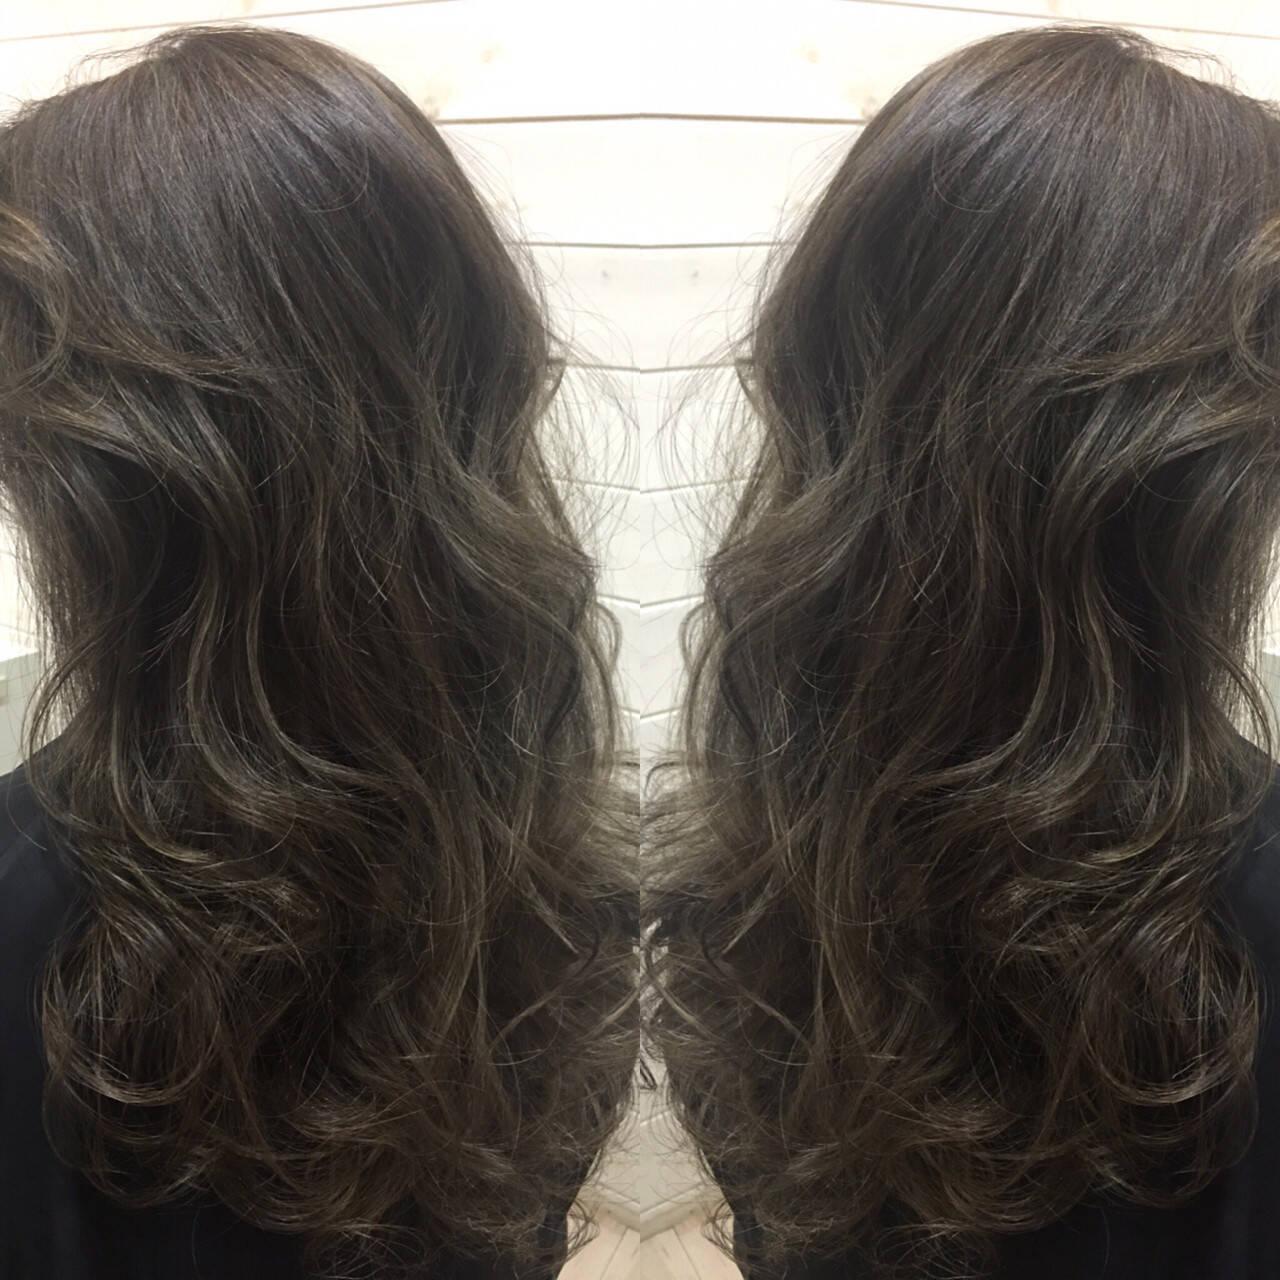 セミロング ハイライト アッシュ 暗髪ヘアスタイルや髪型の写真・画像